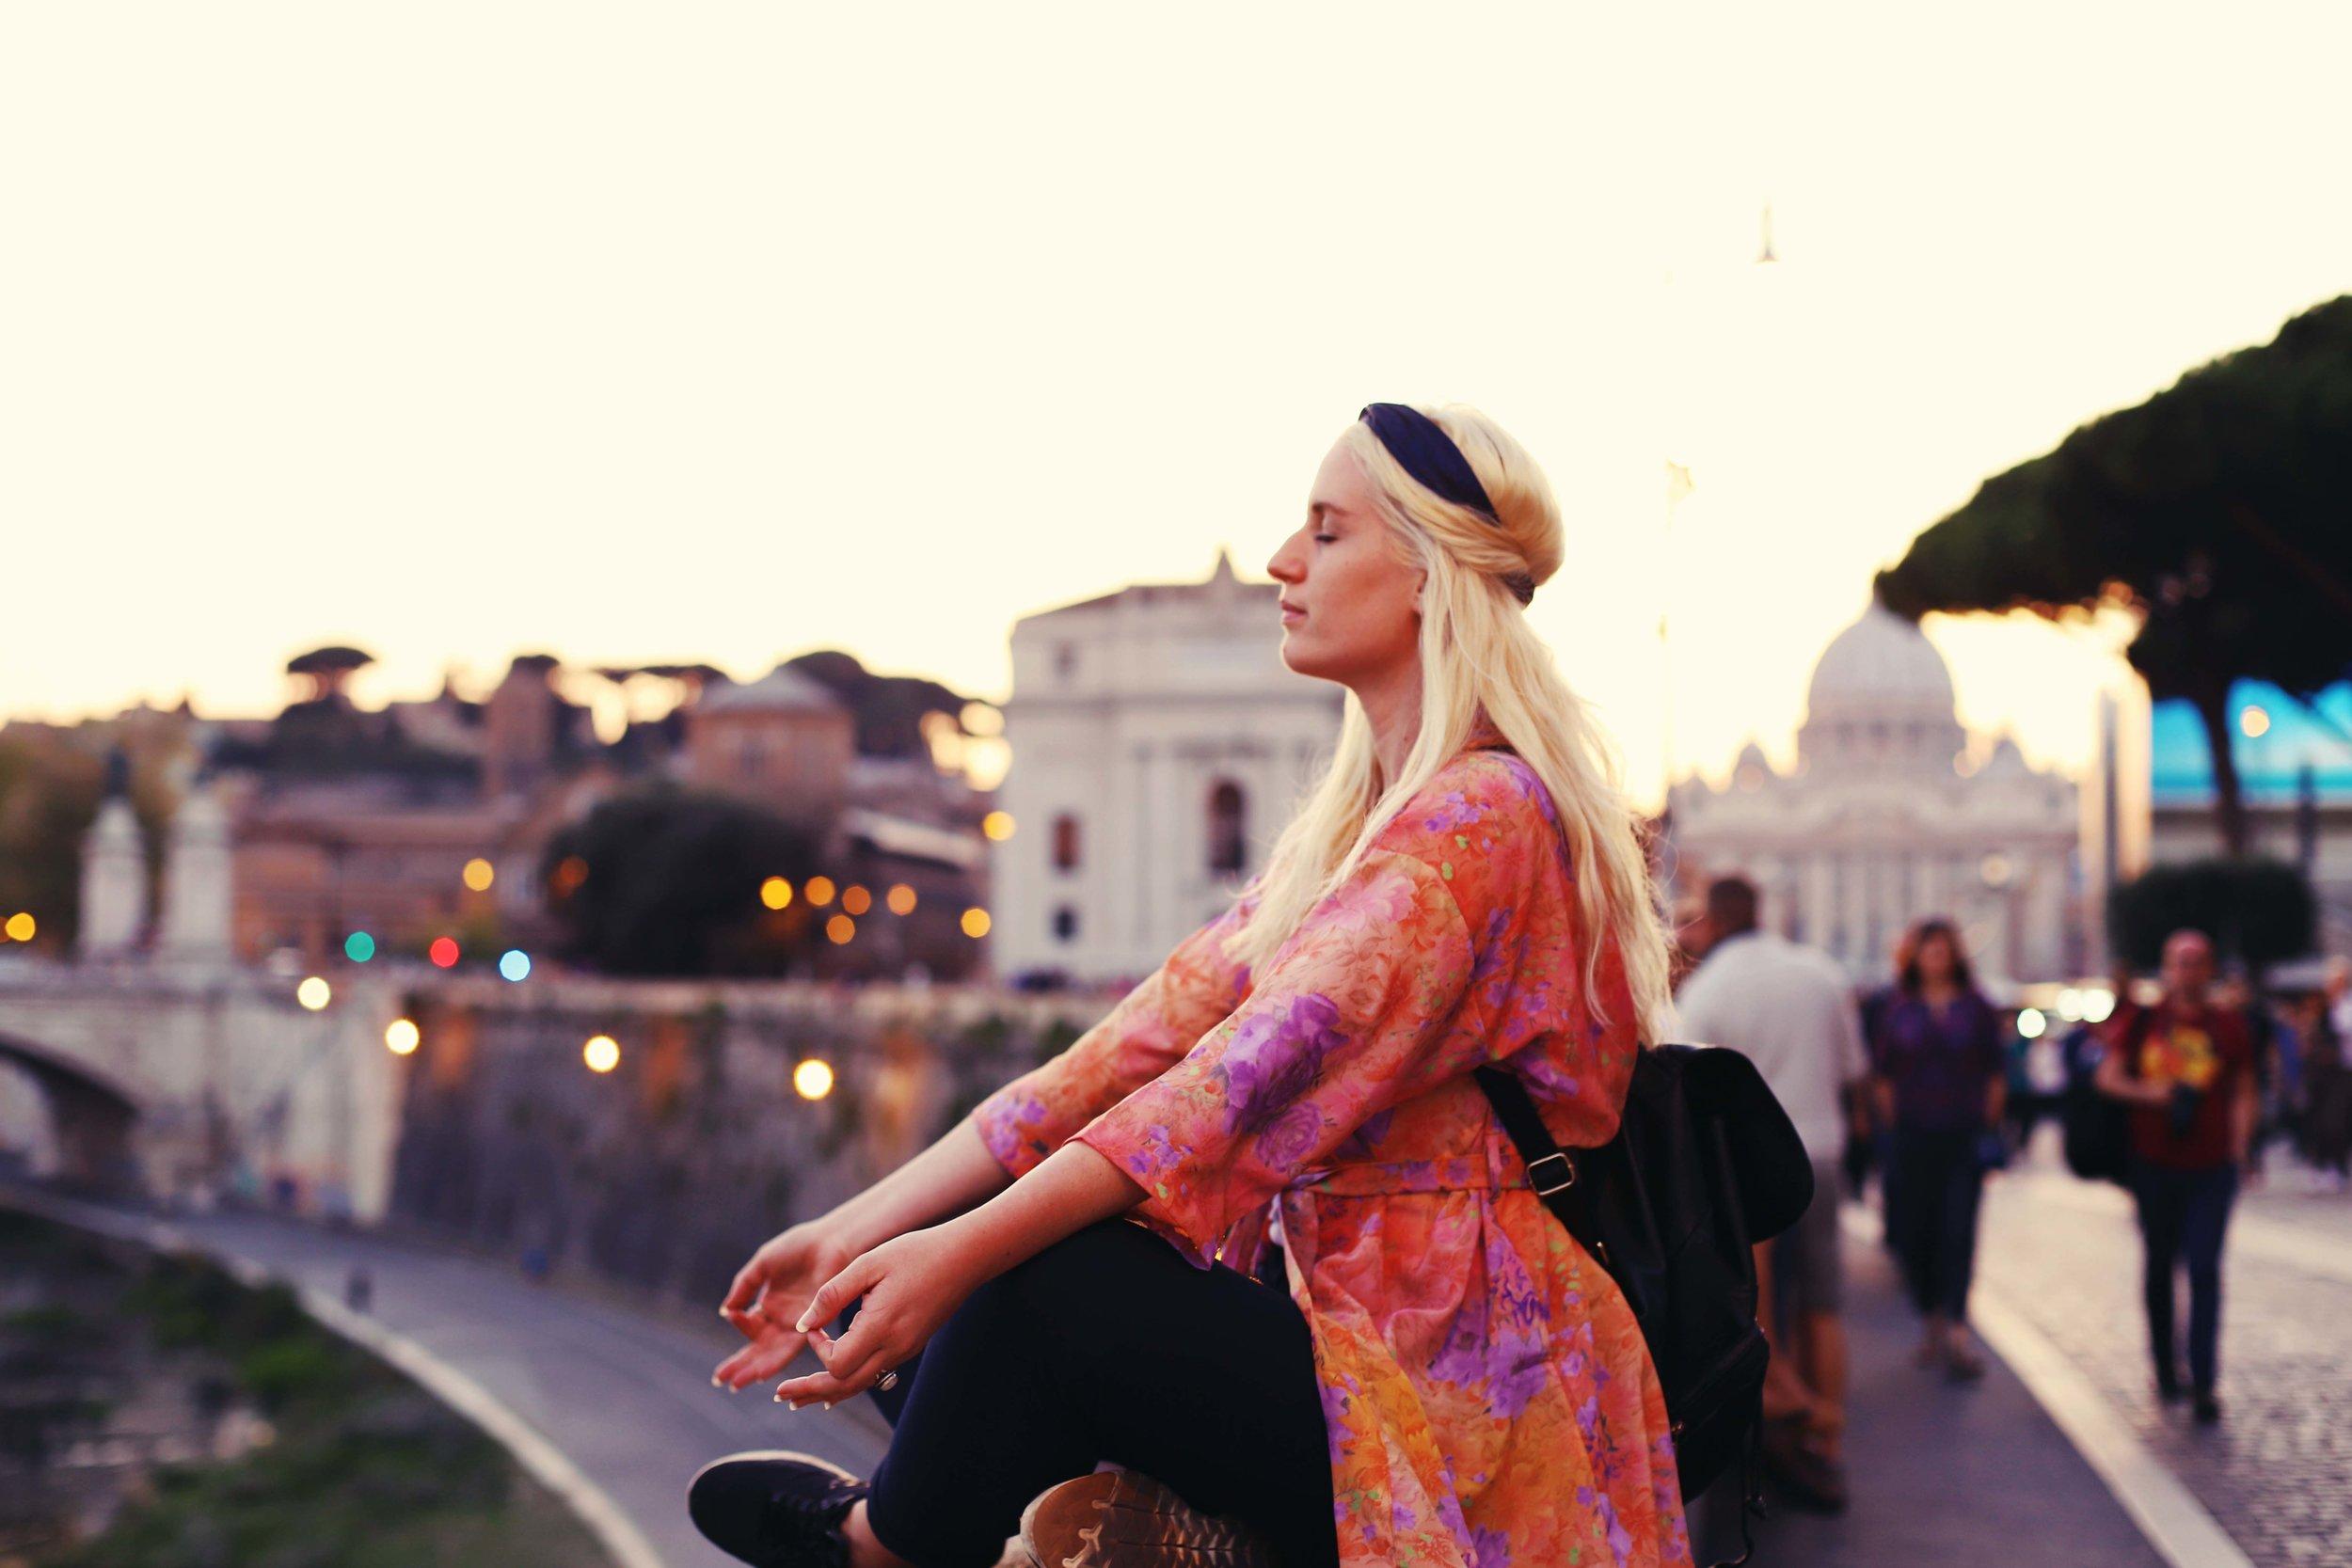 kundalini yoga meditation essens essensprogram online selvværd intuition stråle magisk spiritualitet sjæl krop sind mantra Nickoline Camille